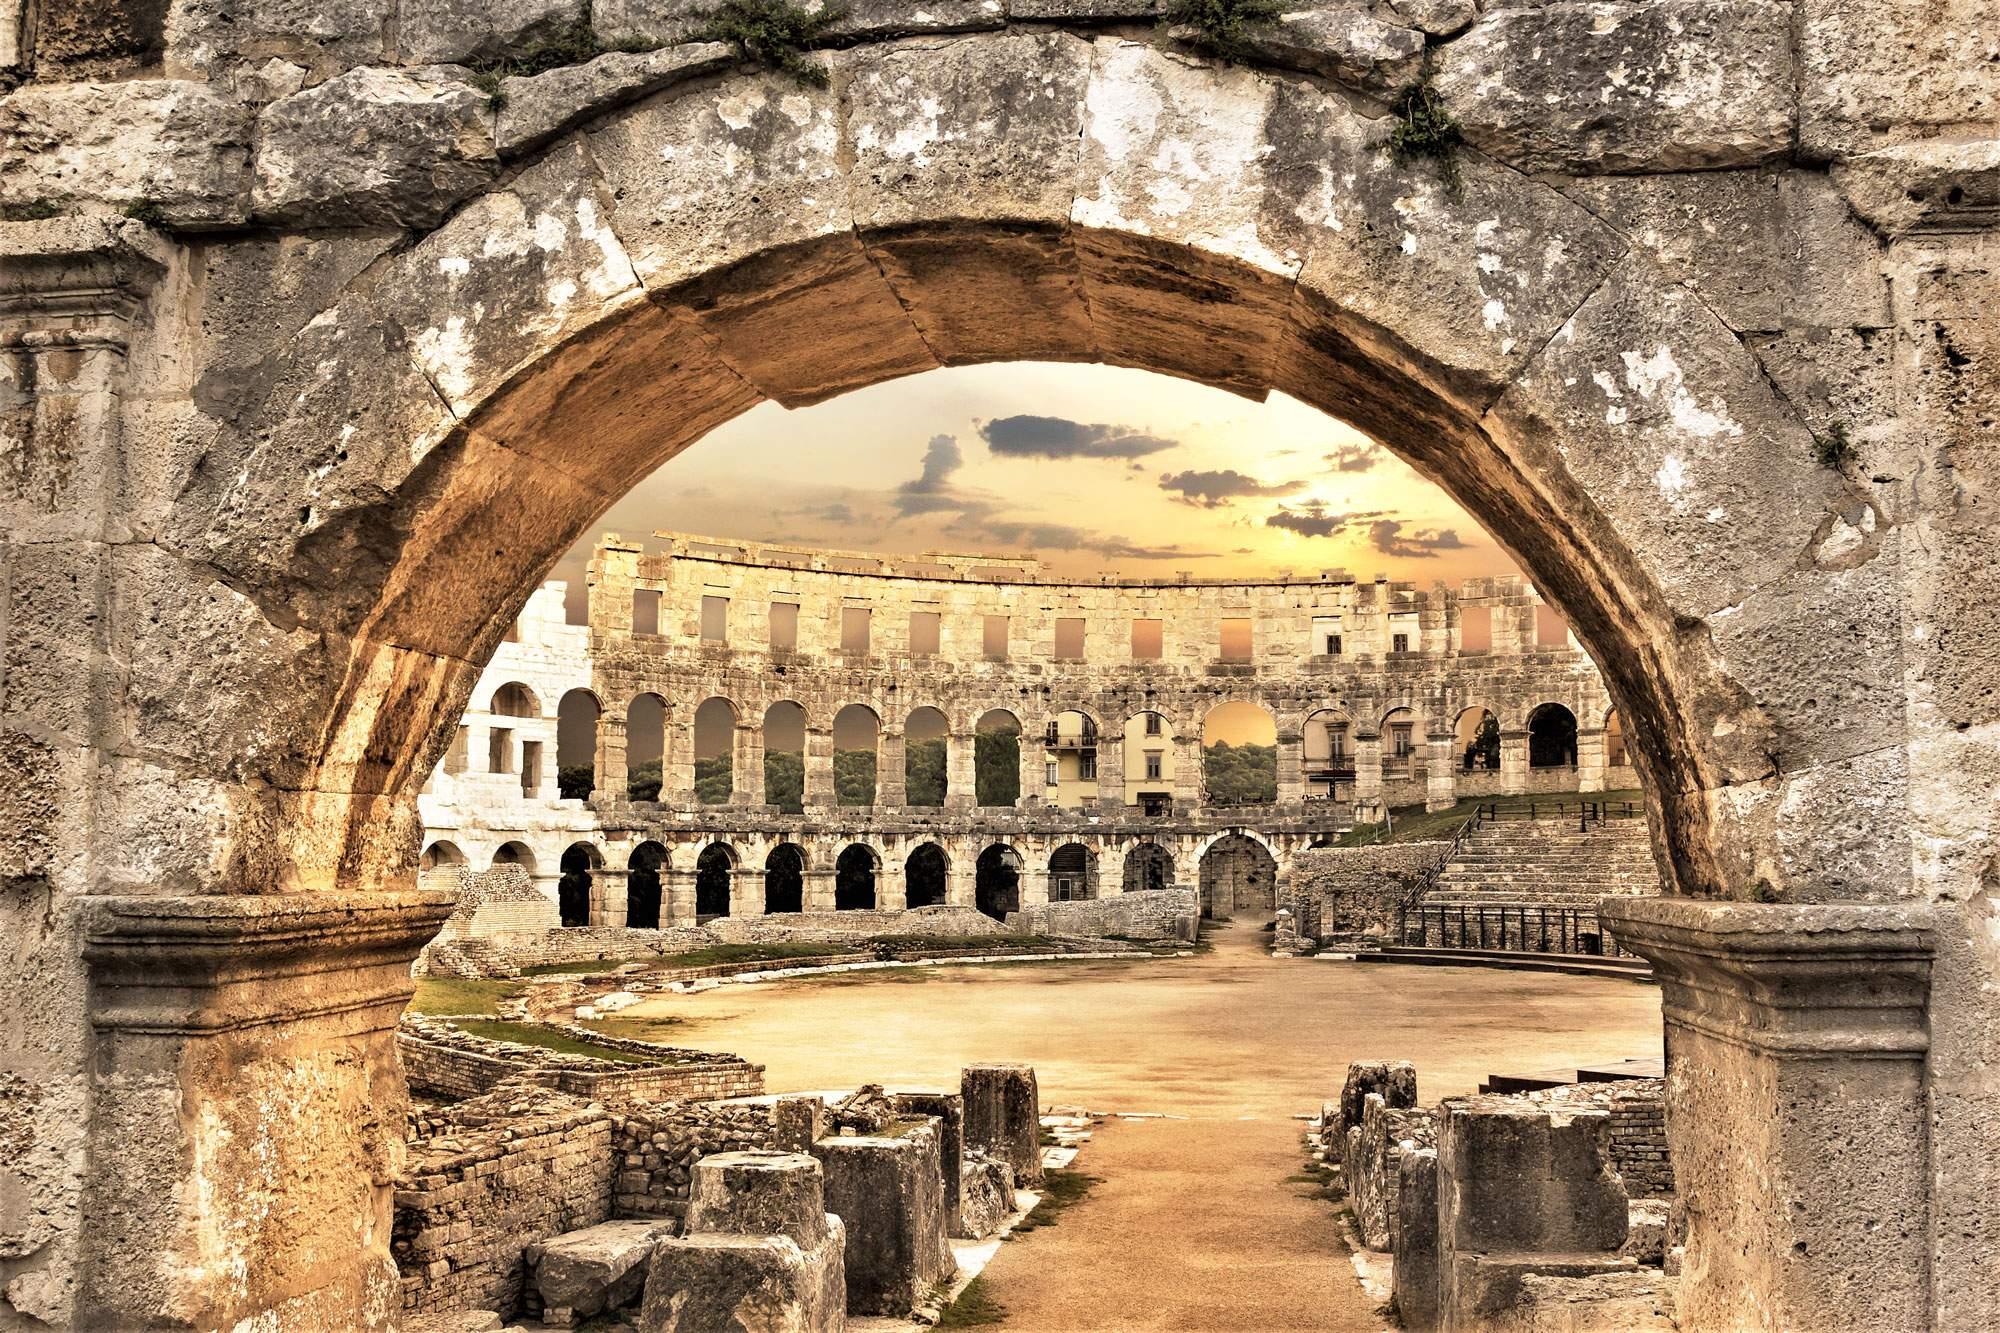 Pula colosseum croatia history travel ruins